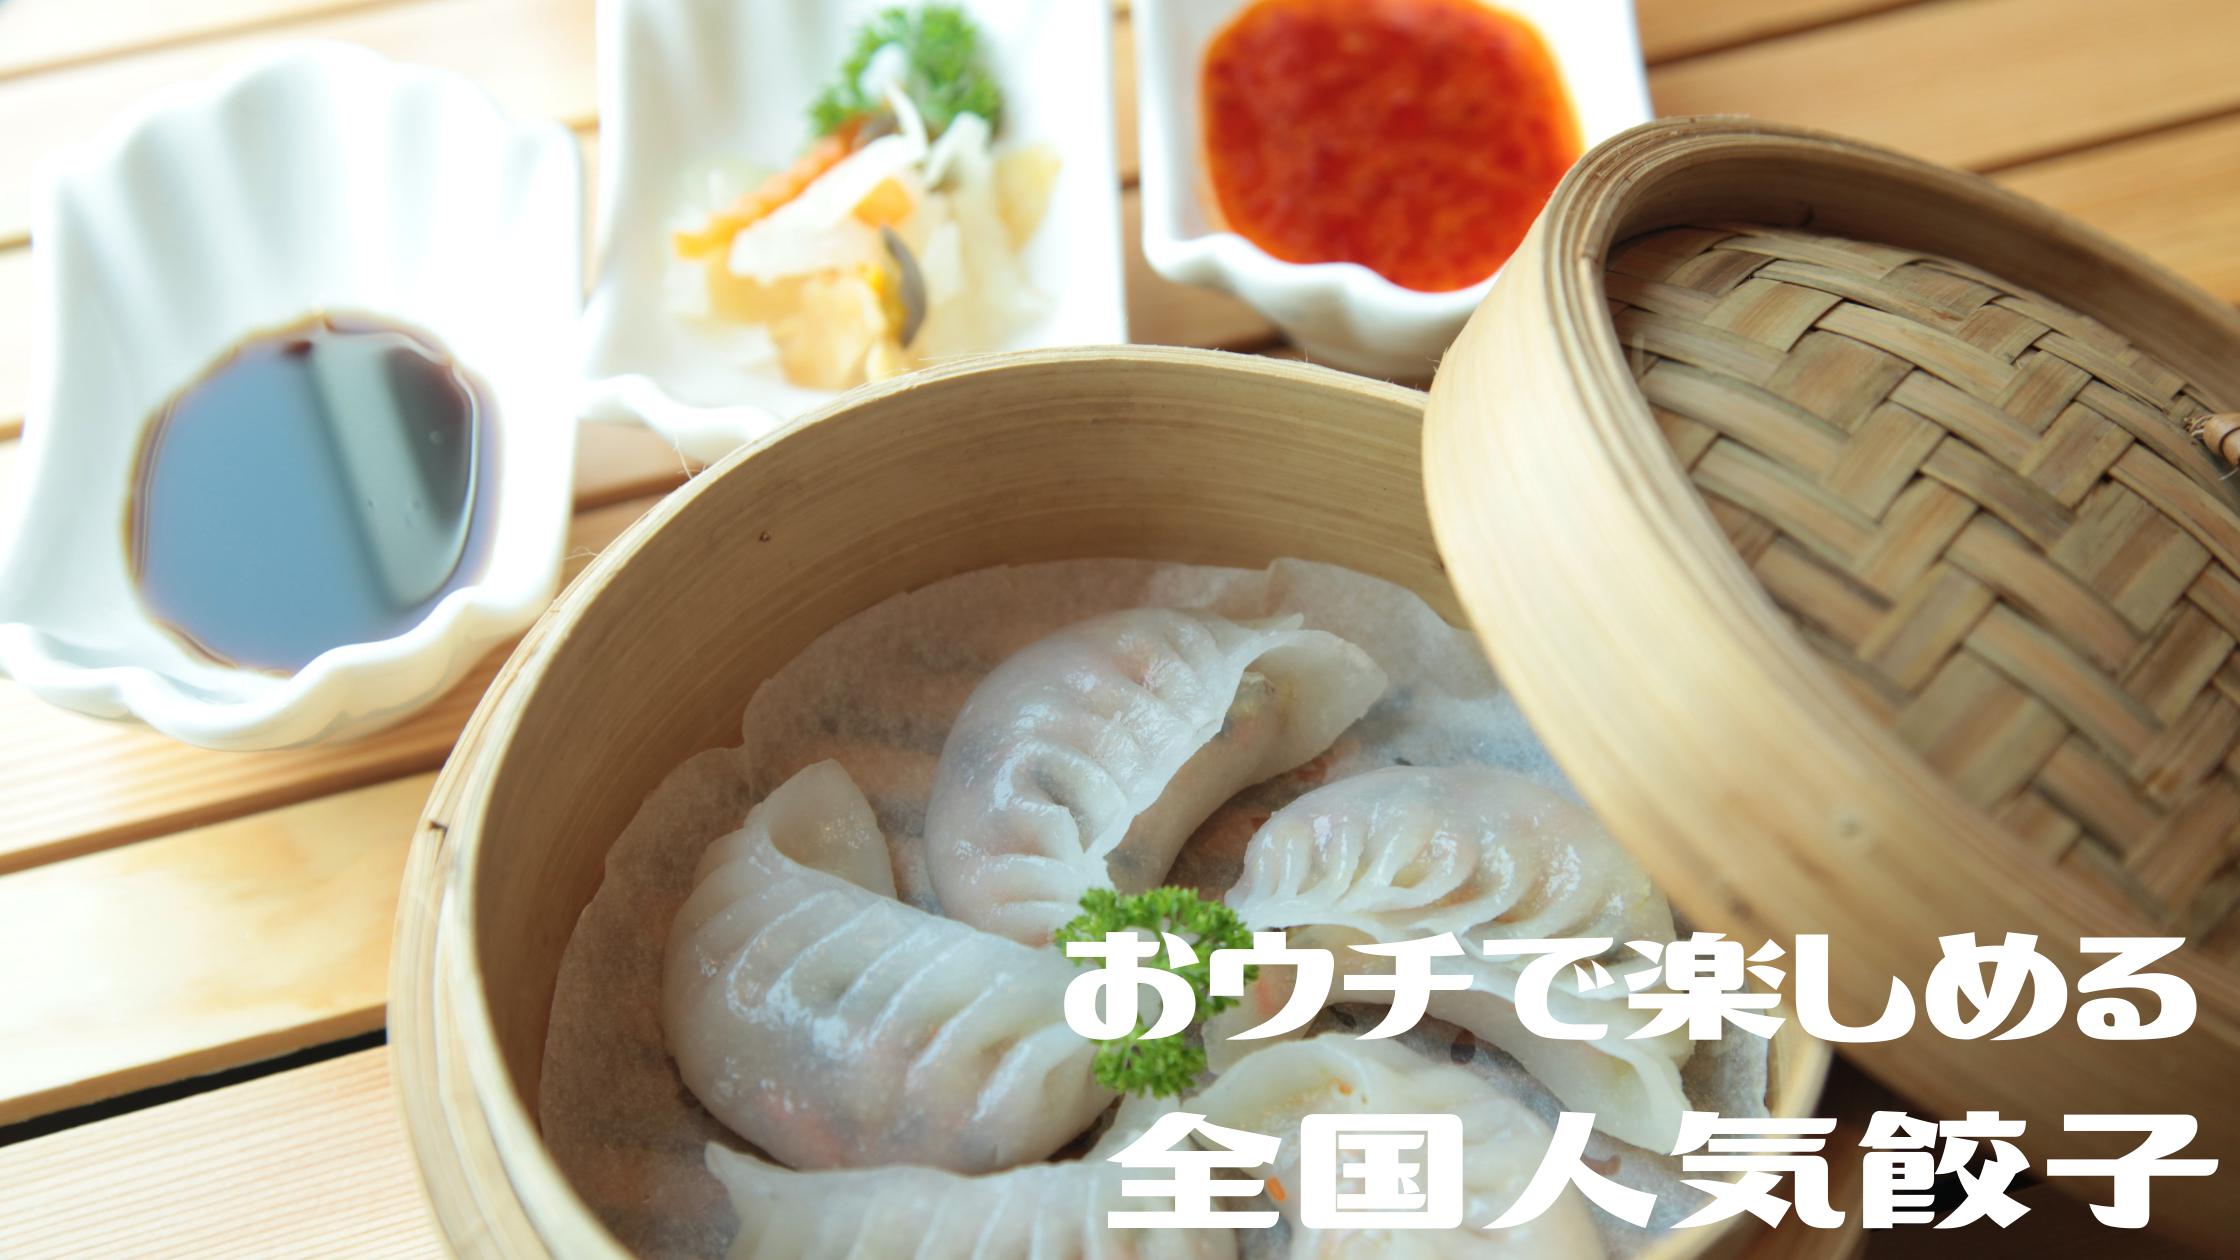 【めざましテレビ】『近江牛・進化形・肉汁たっぷり』全国人気餃子